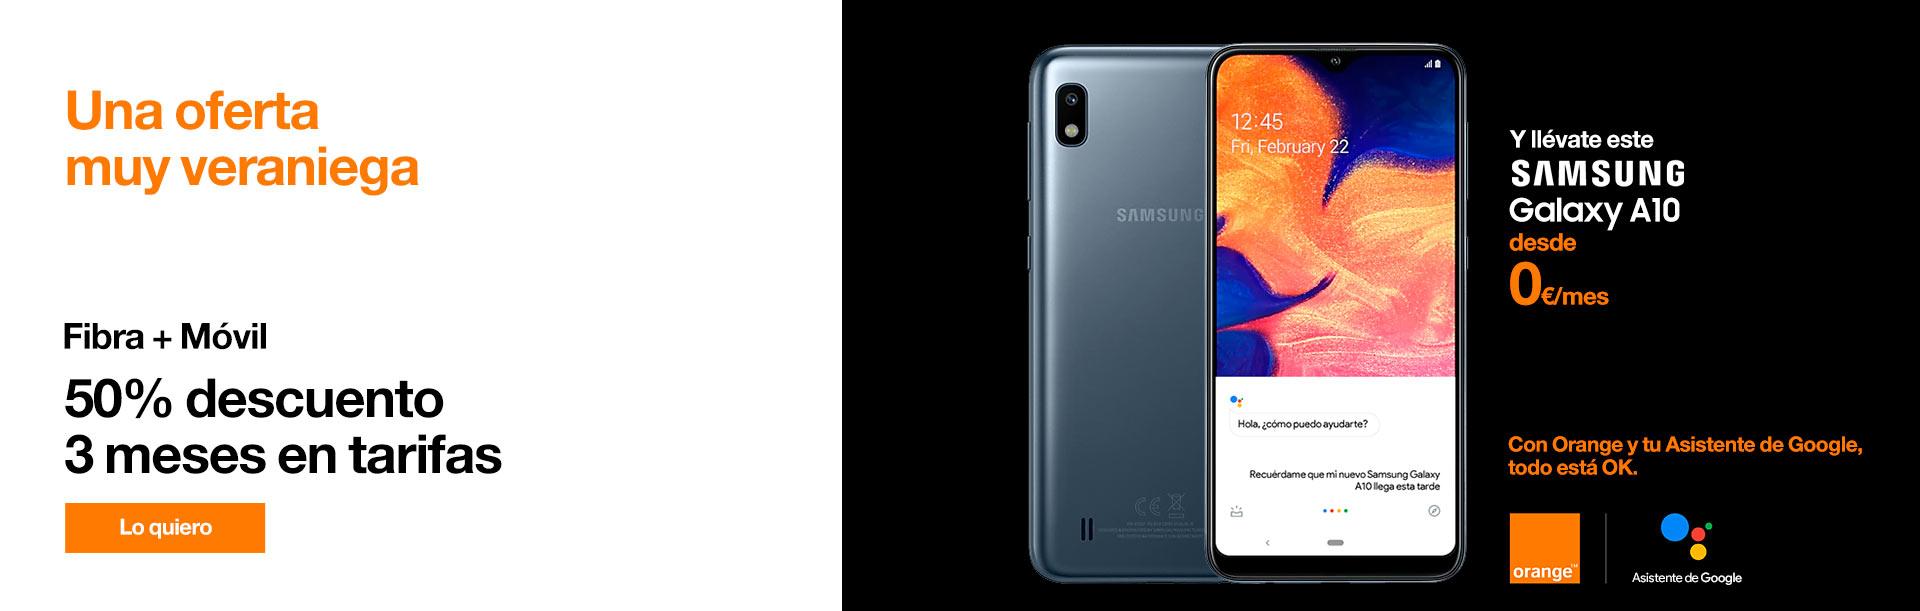 Hazte ahora con un Samsung Galaxy A10 desde 0 € y disfruta de todo lo que te ofrece el Asistente de Google